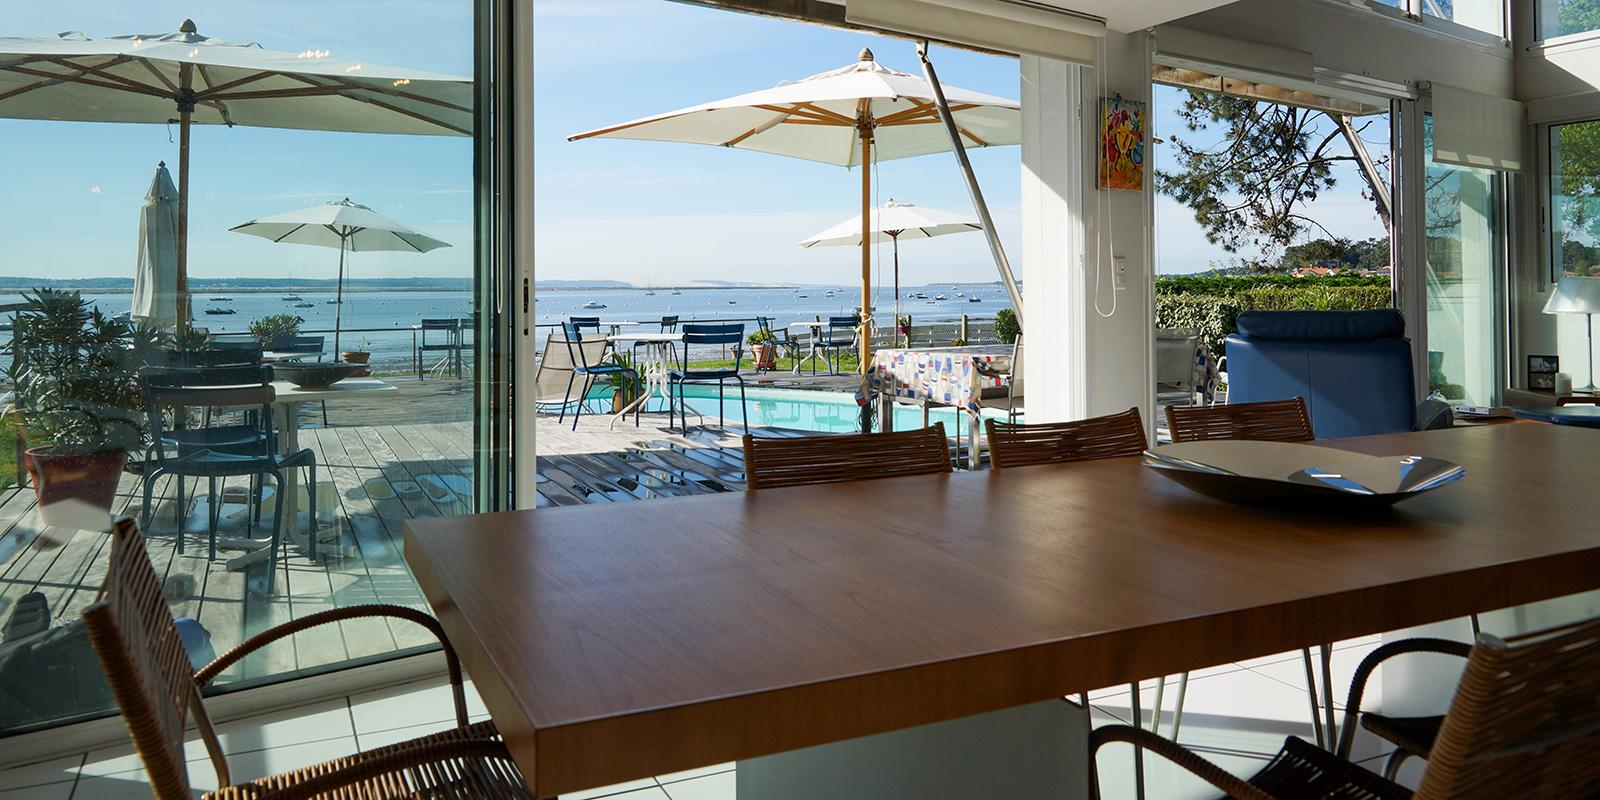 Vacances et tourisme l ge cap ferret gironde aquitaine - Hotel cap ferret starck ...